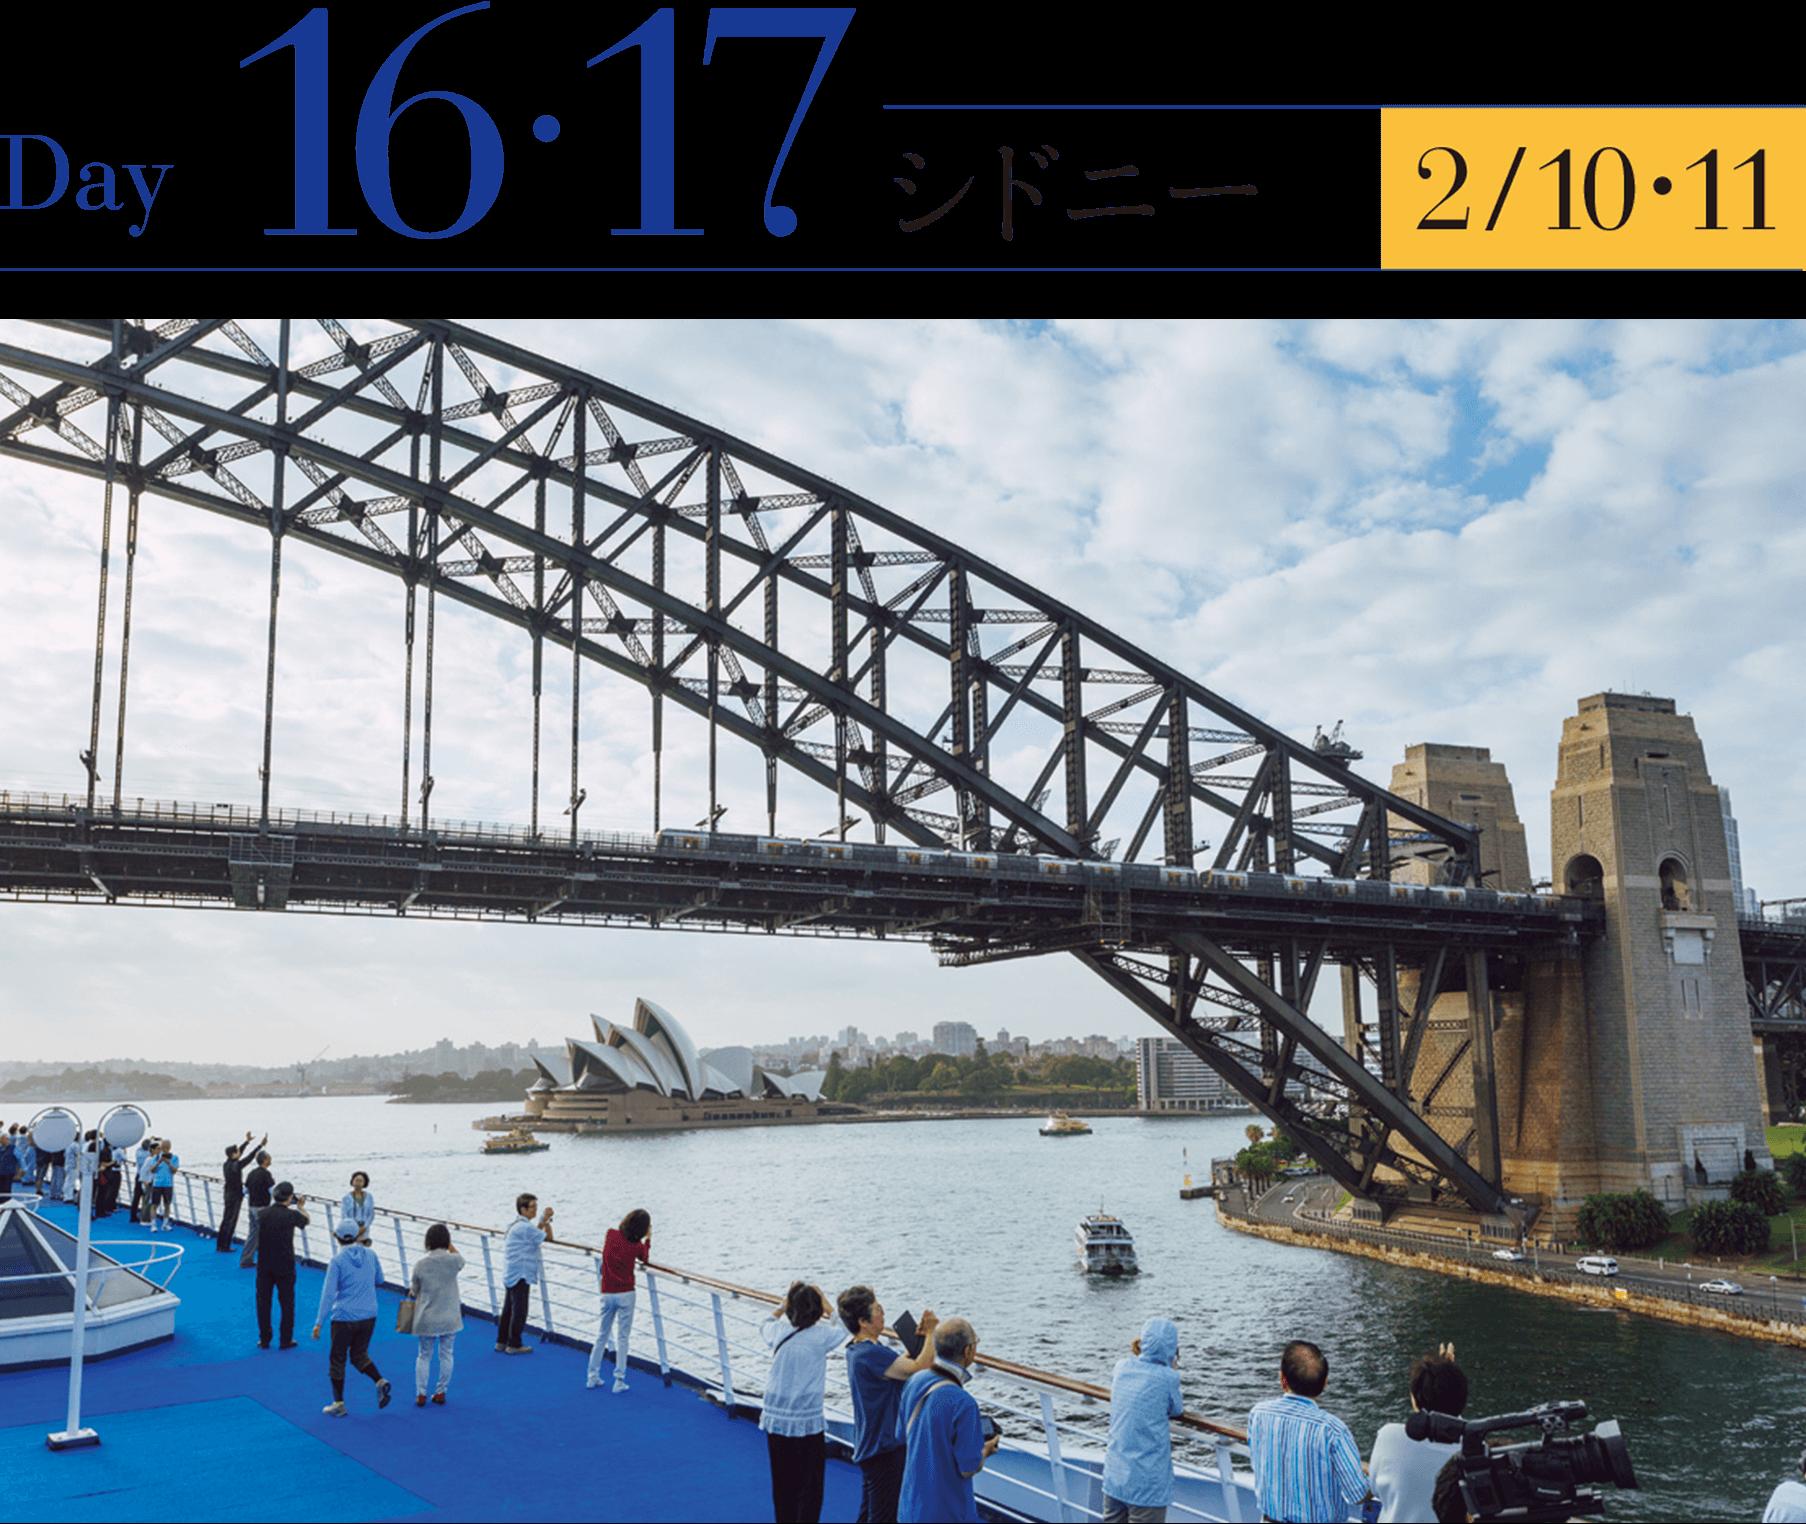 2021年 オセアニアグランドクルーズ 2/10・11 シドニー 詳細情報